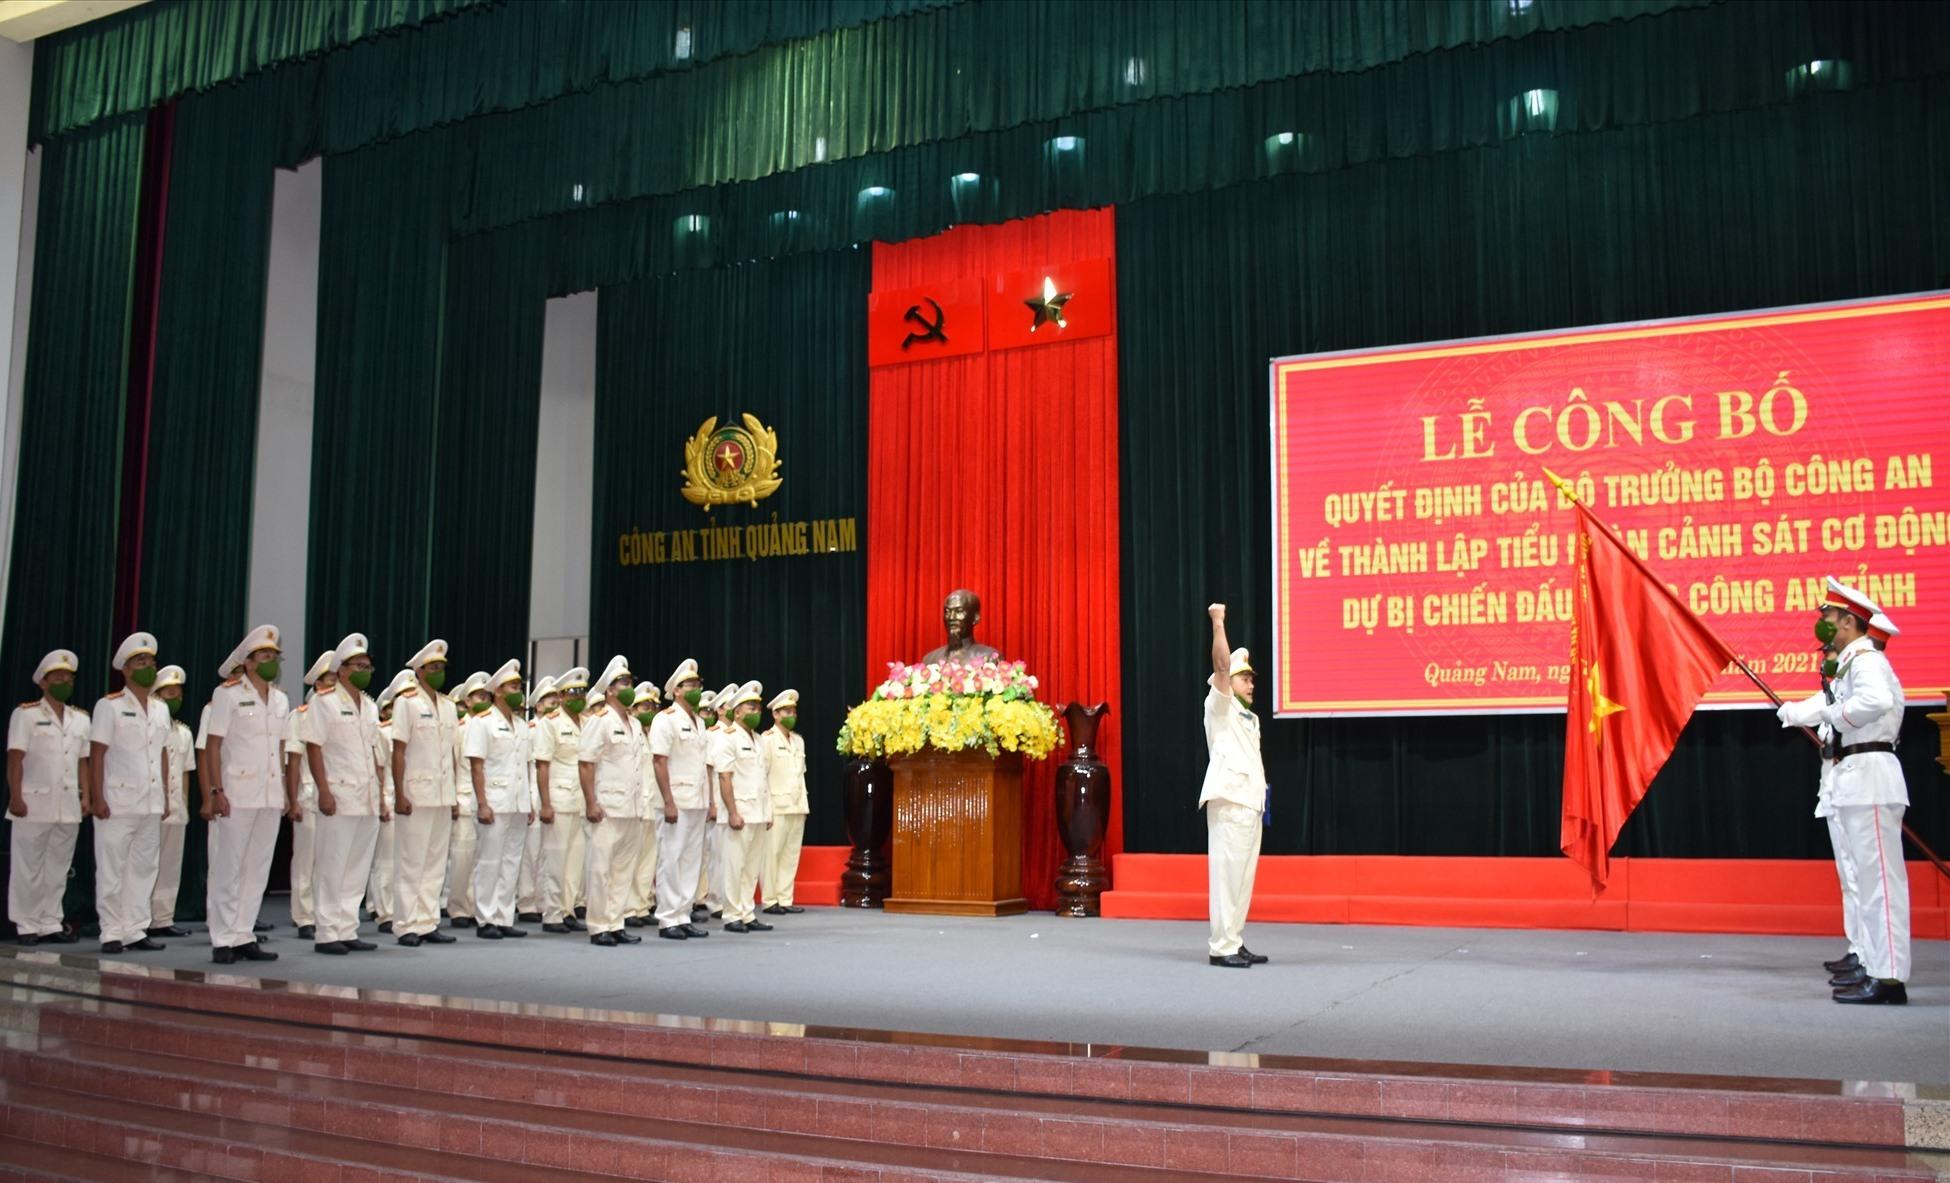 Tiểu đoàn CSCĐ dự bị chiến đấu thực hiện Lễ tuyên thệ. Ảnh: M.T